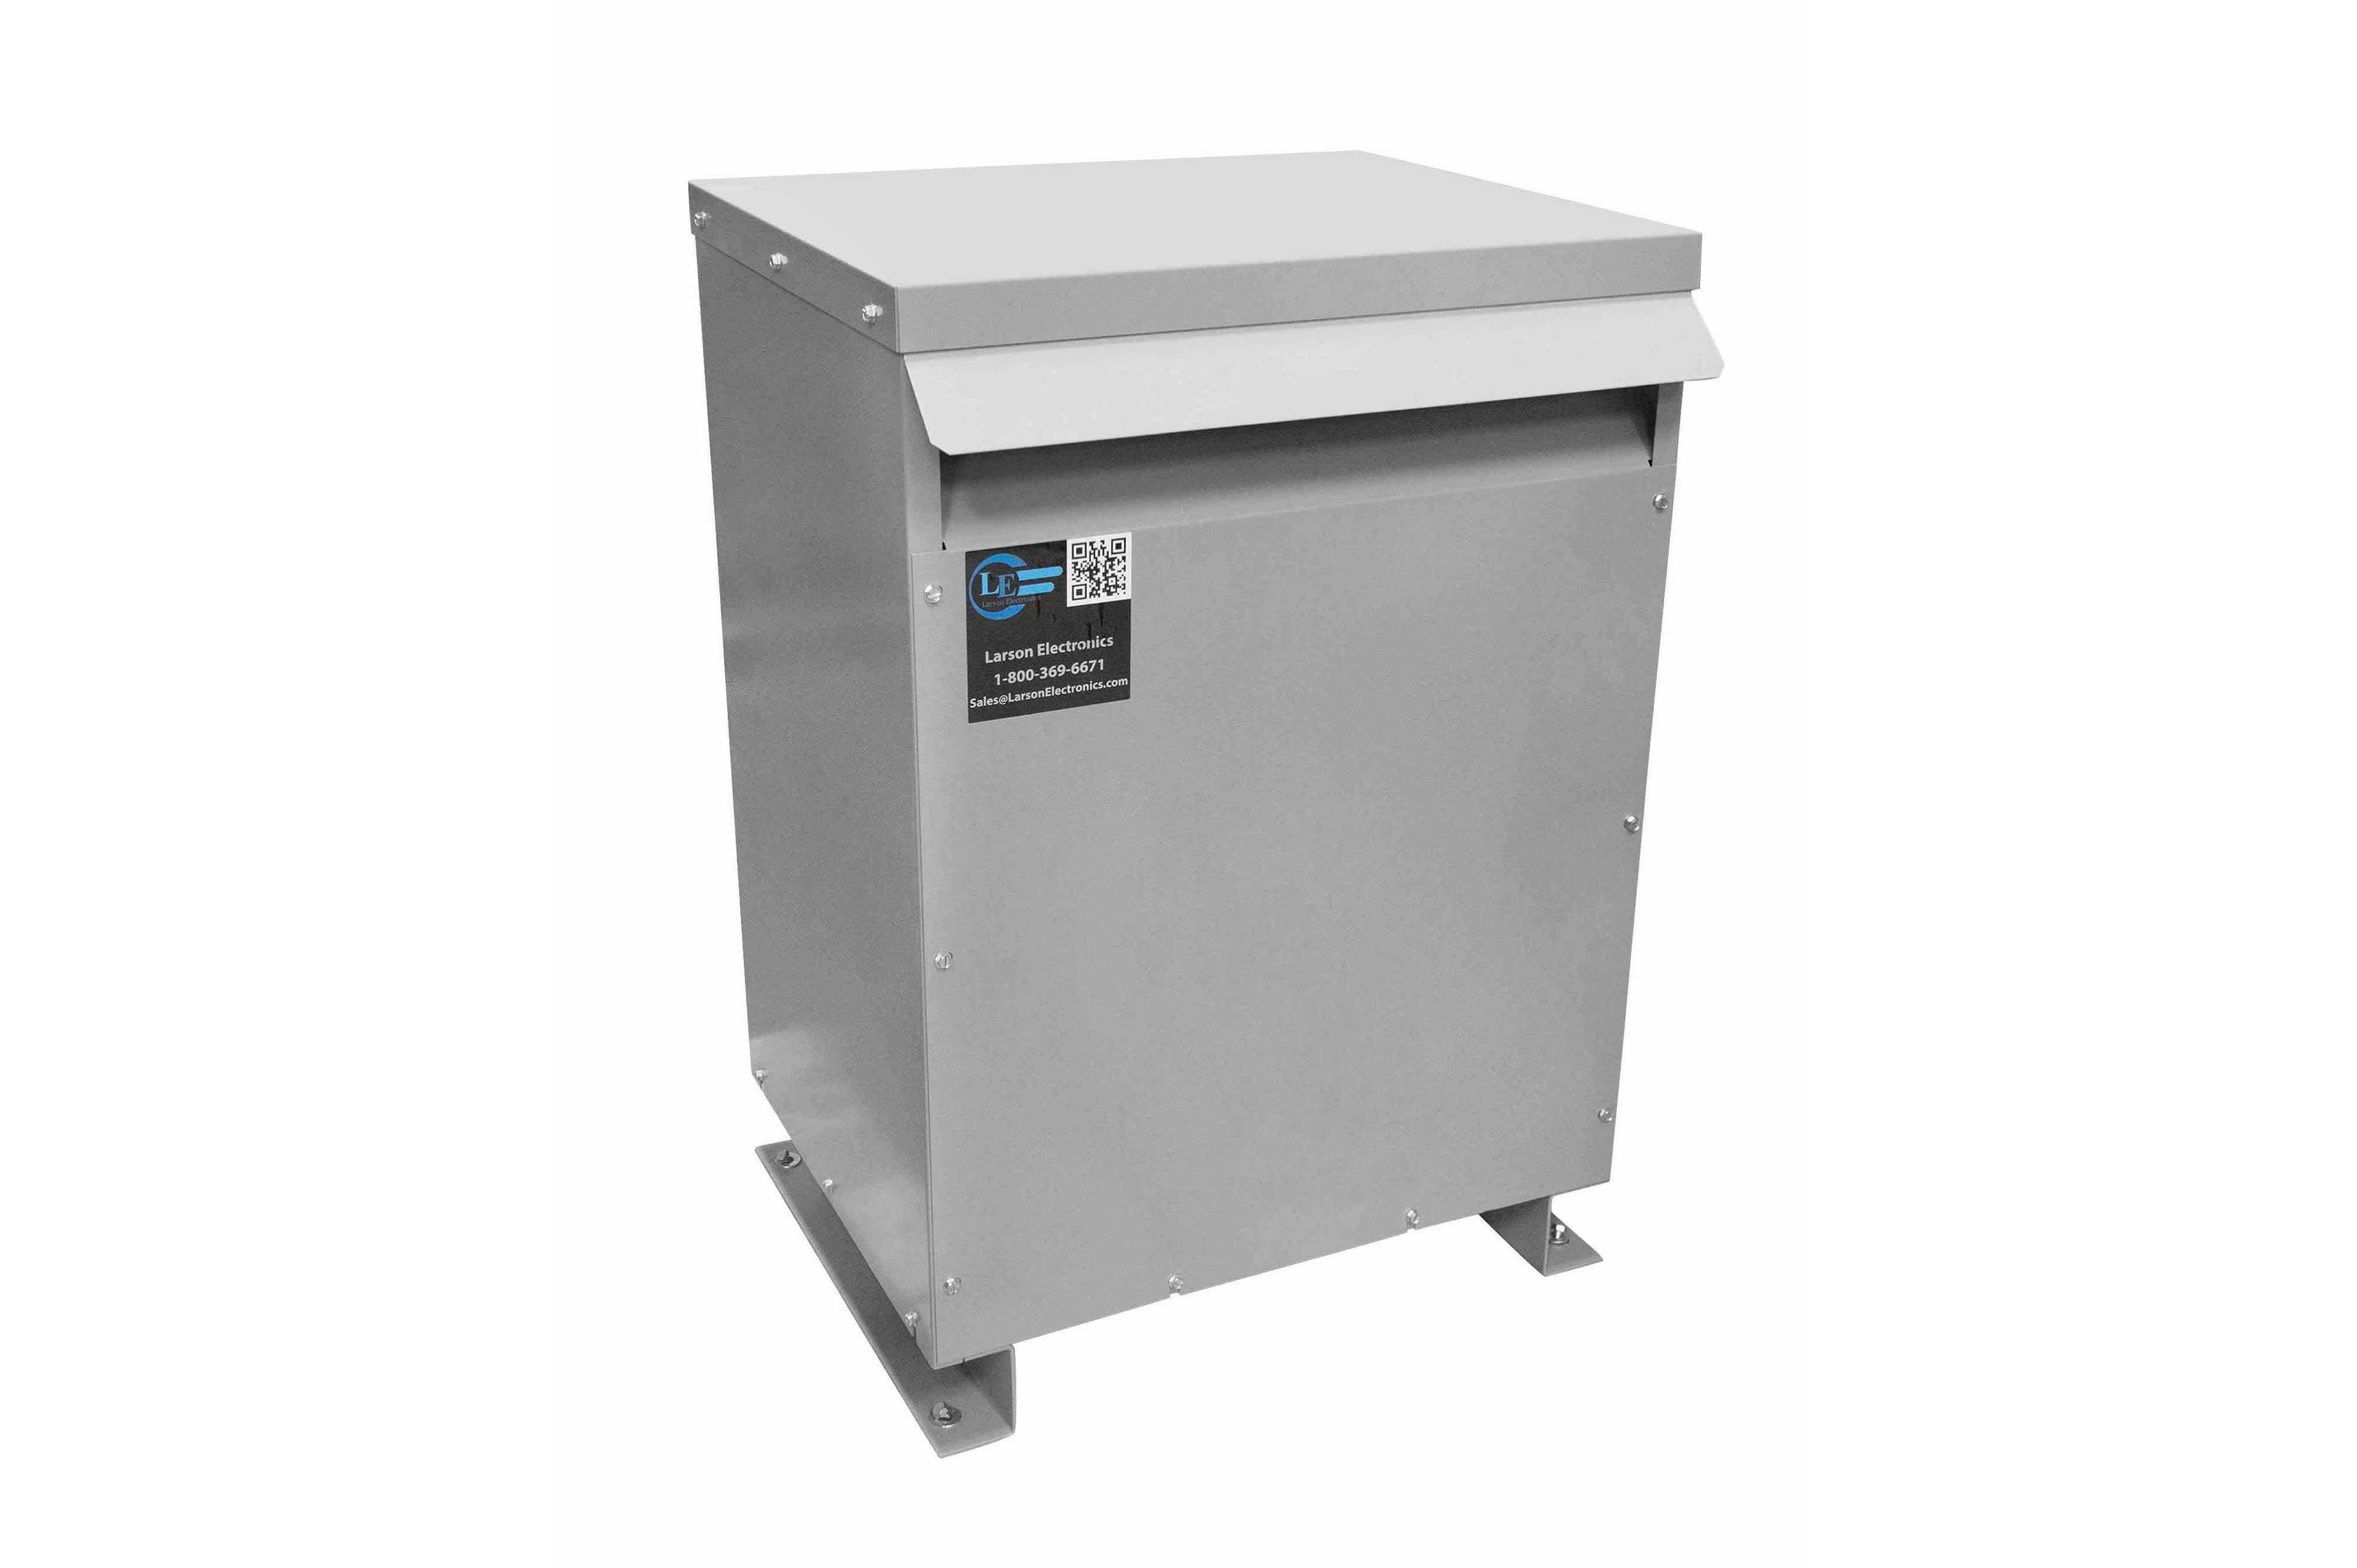 112.5 kVA 3PH Isolation Transformer, 415V Delta Primary, 208V Delta Secondary, N3R, Ventilated, 60 Hz